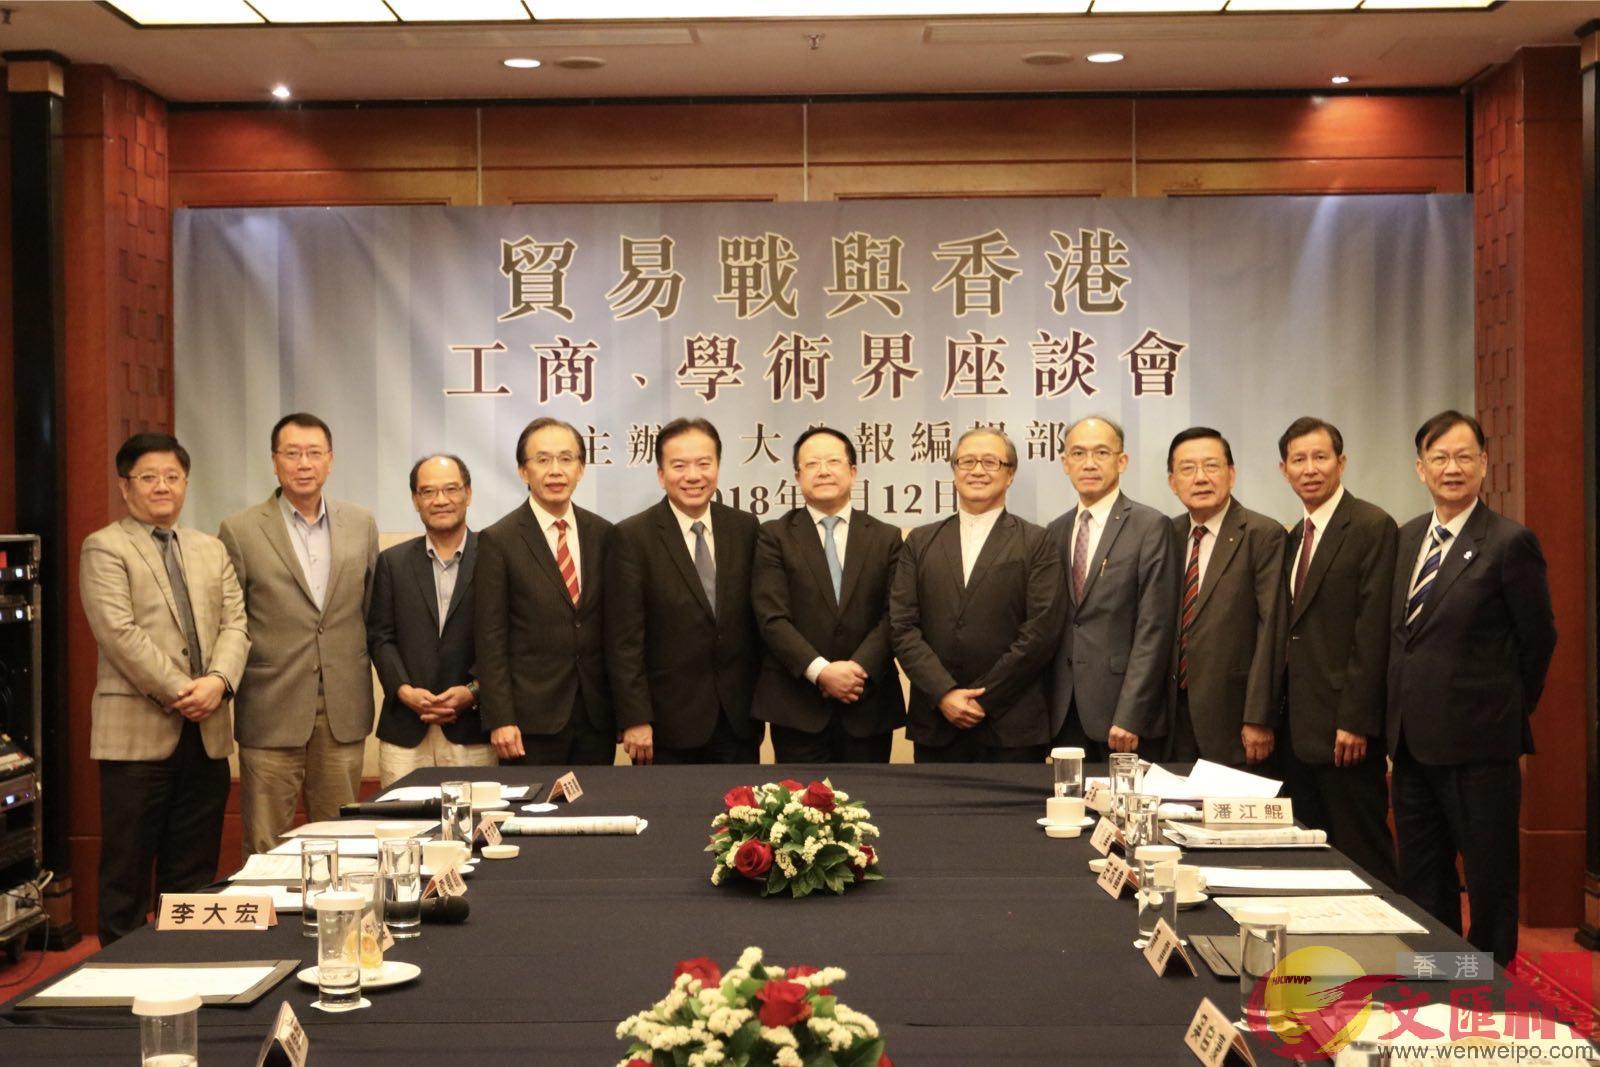 港工商和學術界專家今日舉行座談,討論中美貿易戰對香港的影響和應對措施。(記者 李湃豐 攝)